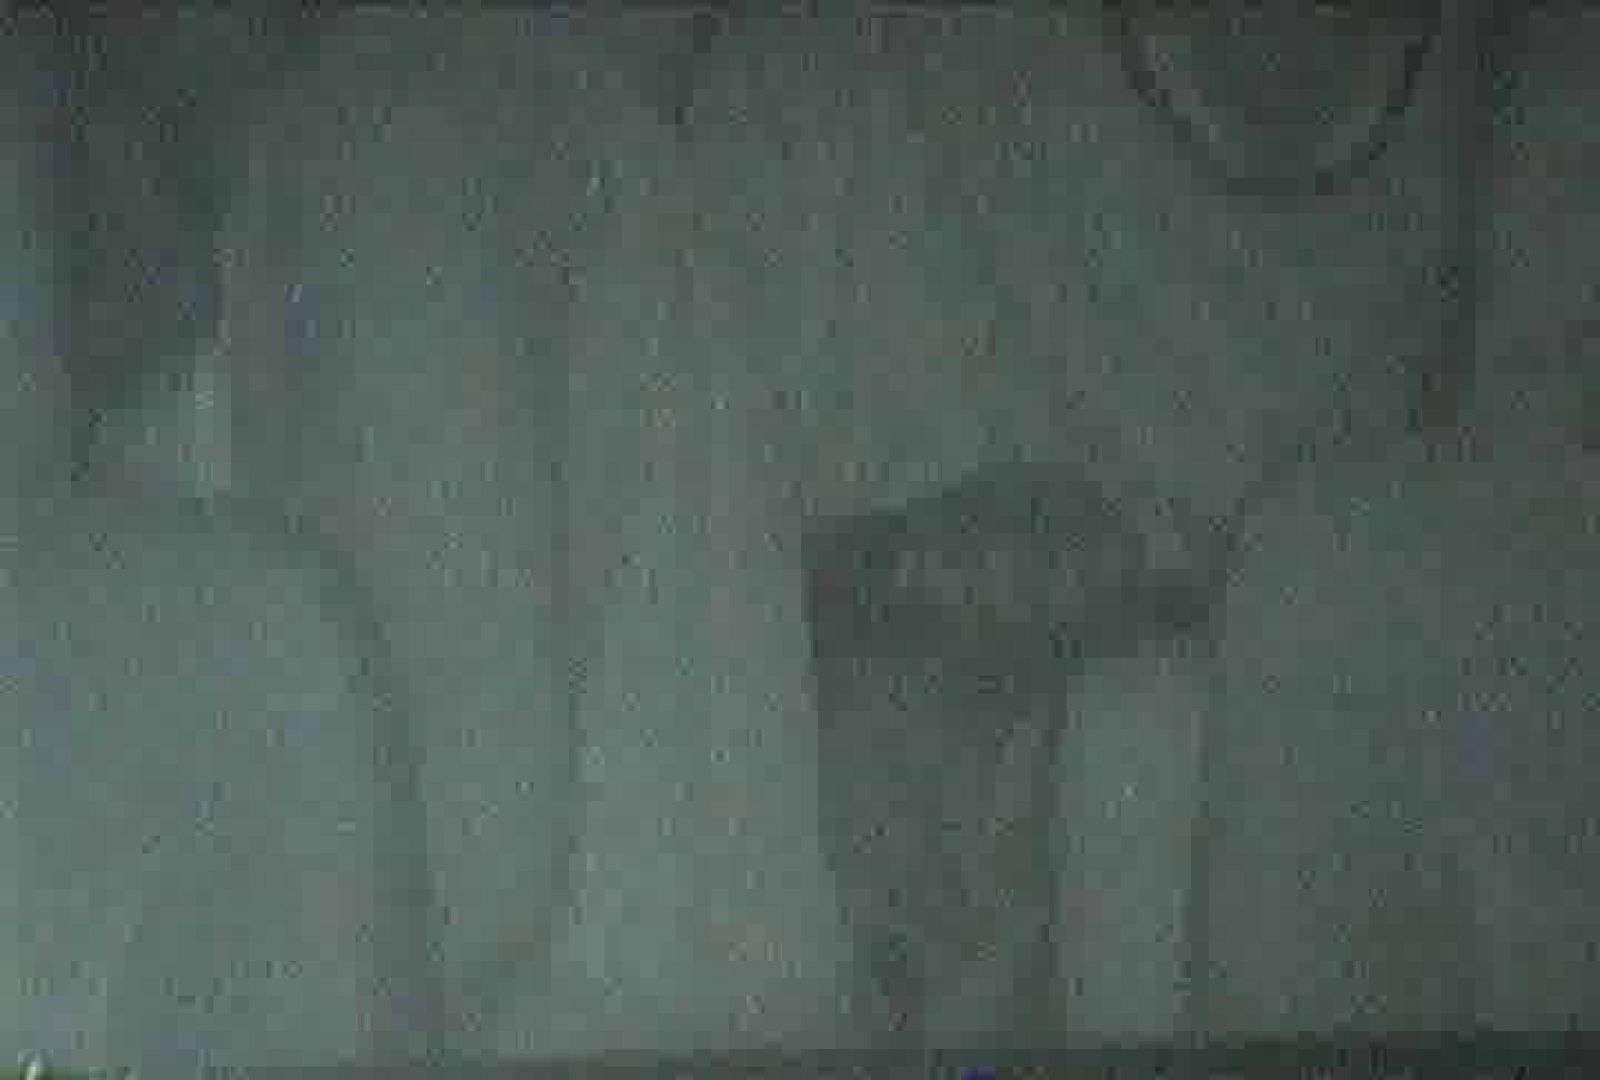 充血監督の深夜の運動会Vol.87 マンコ無修正 | OLセックス  93画像 31